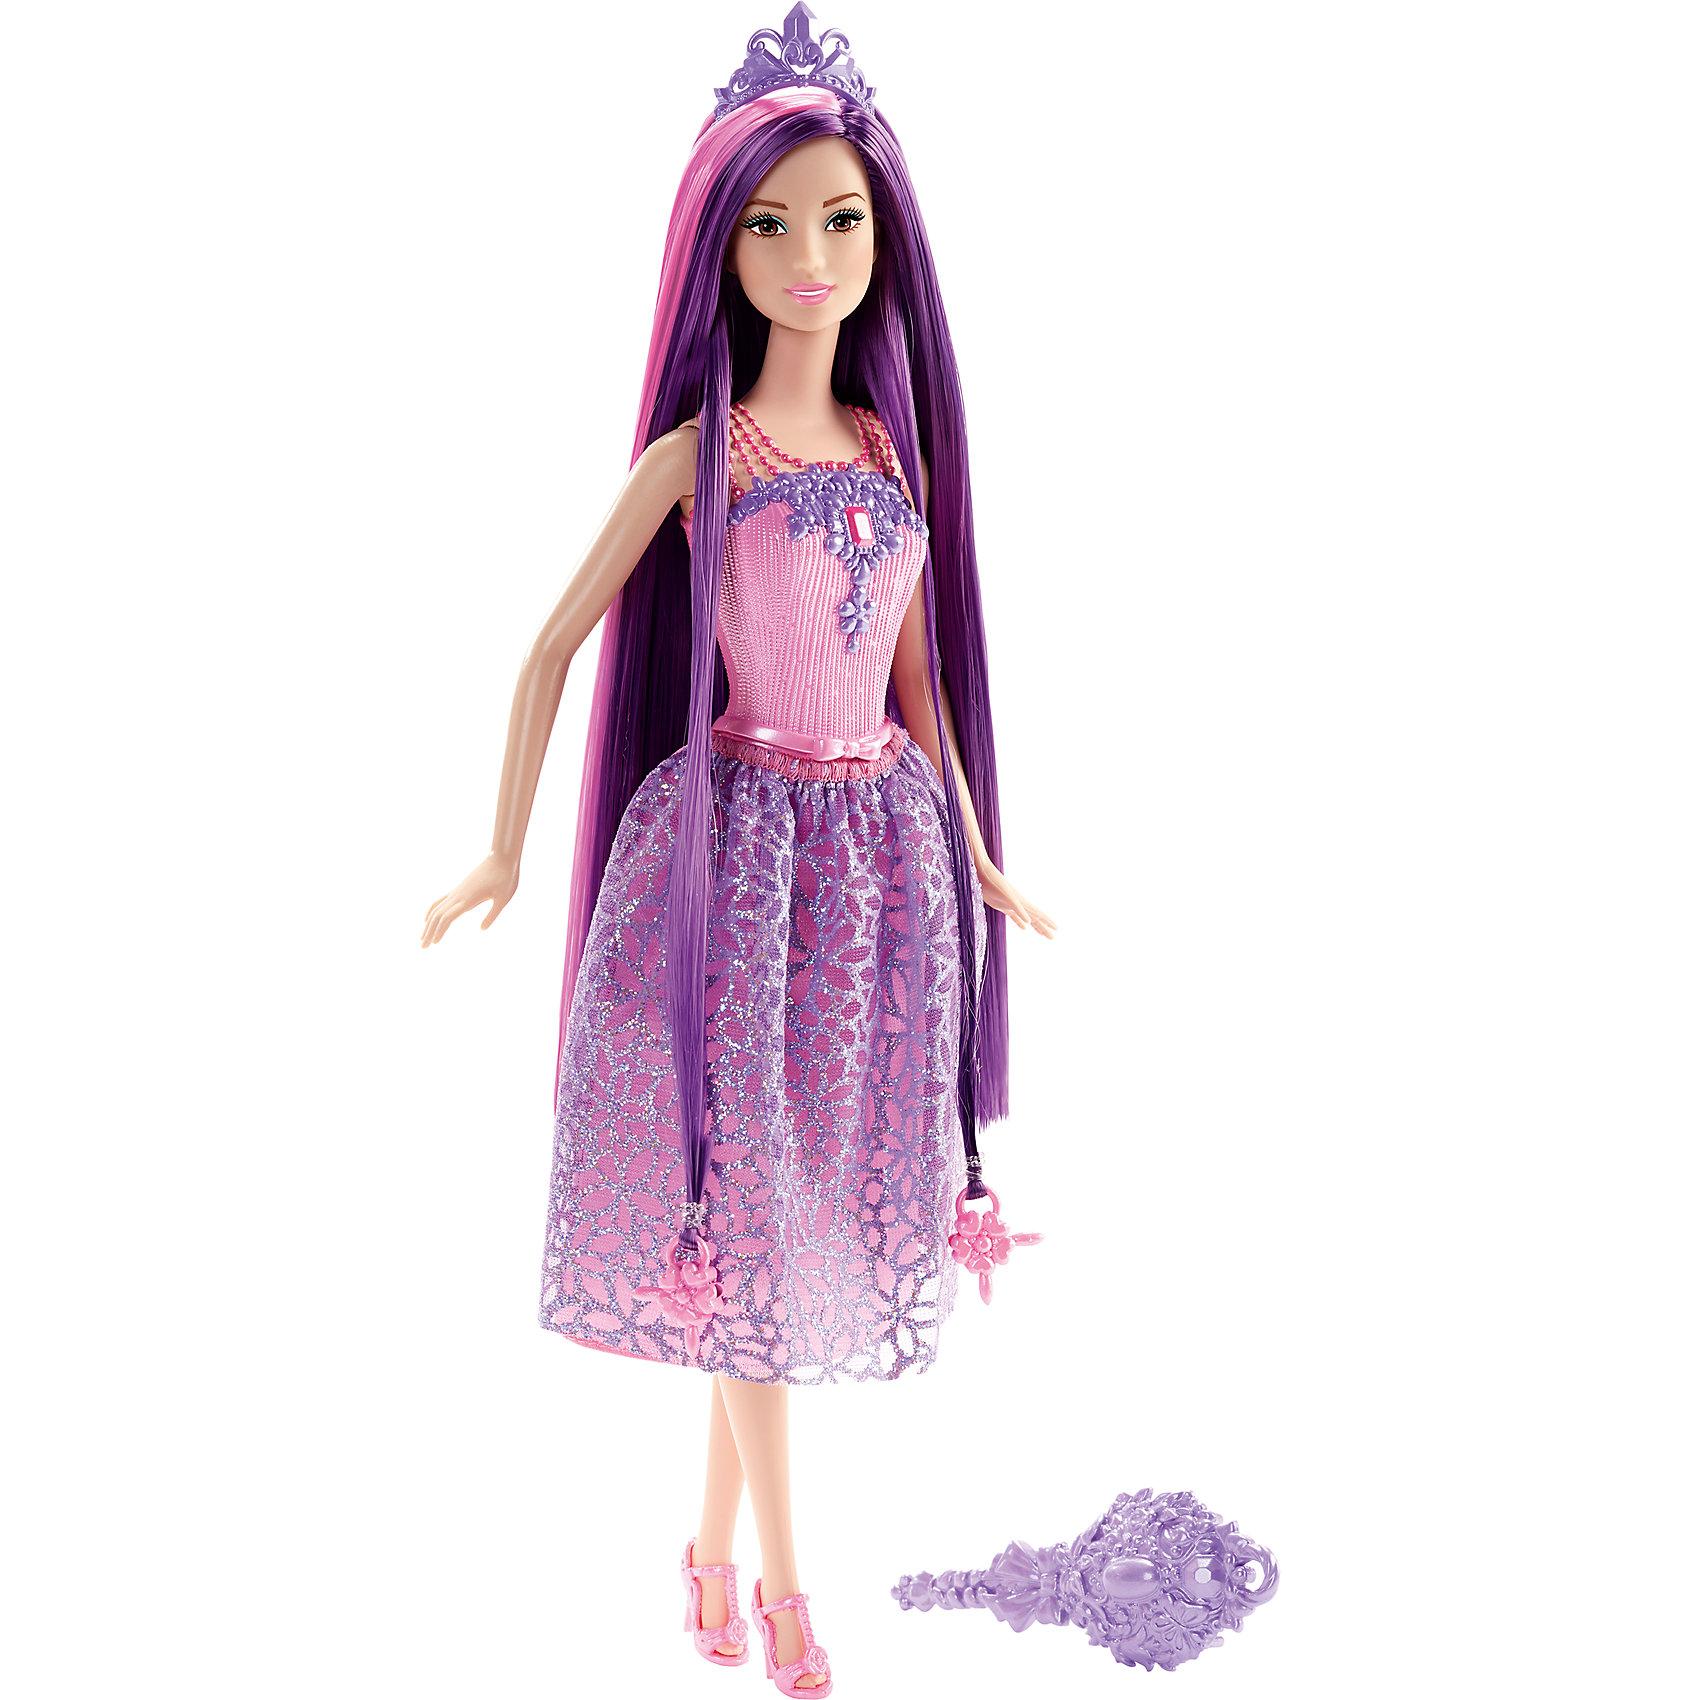 Кукла Принцесса с фиолетовыми волосами, BarbieКуклы<br>Характеристики товара:<br><br>• цвет: фиолетовый, розовый.<br>• комплект: кукла, расческа, аксессуары.<br>• материал: пластик, текстиль.<br>• размер упаковки: 12.7x6x32.4 см. <br>• высота куклы: 30 см.<br>• руки и ноги не сгибаются<br>• длина волос: 20 см.<br>• страна бренда: США<br>• страна изготовитель: Китай<br><br>Кукла Принцесса с фиолетовыми волосами, Barbie станет любимой куклой для девочки. Барби представлена в образе очаровательной принцессы в роскошном наряде и тиаре. <br><br>У куколки длинные фиолетовые локоны, которые можно укладывать в разнообразные прически. Тело куколки на шарнирах, ноги и руки сгибаются и разгибаются, благодаря чему она может принимать различные положения. <br><br>В комплект также входит расческа и два украшения-бусинки для волос, подходящие к парикмахерским инструментам Barbie из набора Barbie Snapn Style Princess Doll (продается отдельно).<br><br>Куклу Принцесса с фиолетовыми волосами, Barbie, Mattel, можно купить в нашем интернет-магазине.<br><br>Ширина мм: 329<br>Глубина мм: 134<br>Высота мм: 66<br>Вес г: 188<br>Возраст от месяцев: 36<br>Возраст до месяцев: 72<br>Пол: Женский<br>Возраст: Детский<br>SKU: 4349938